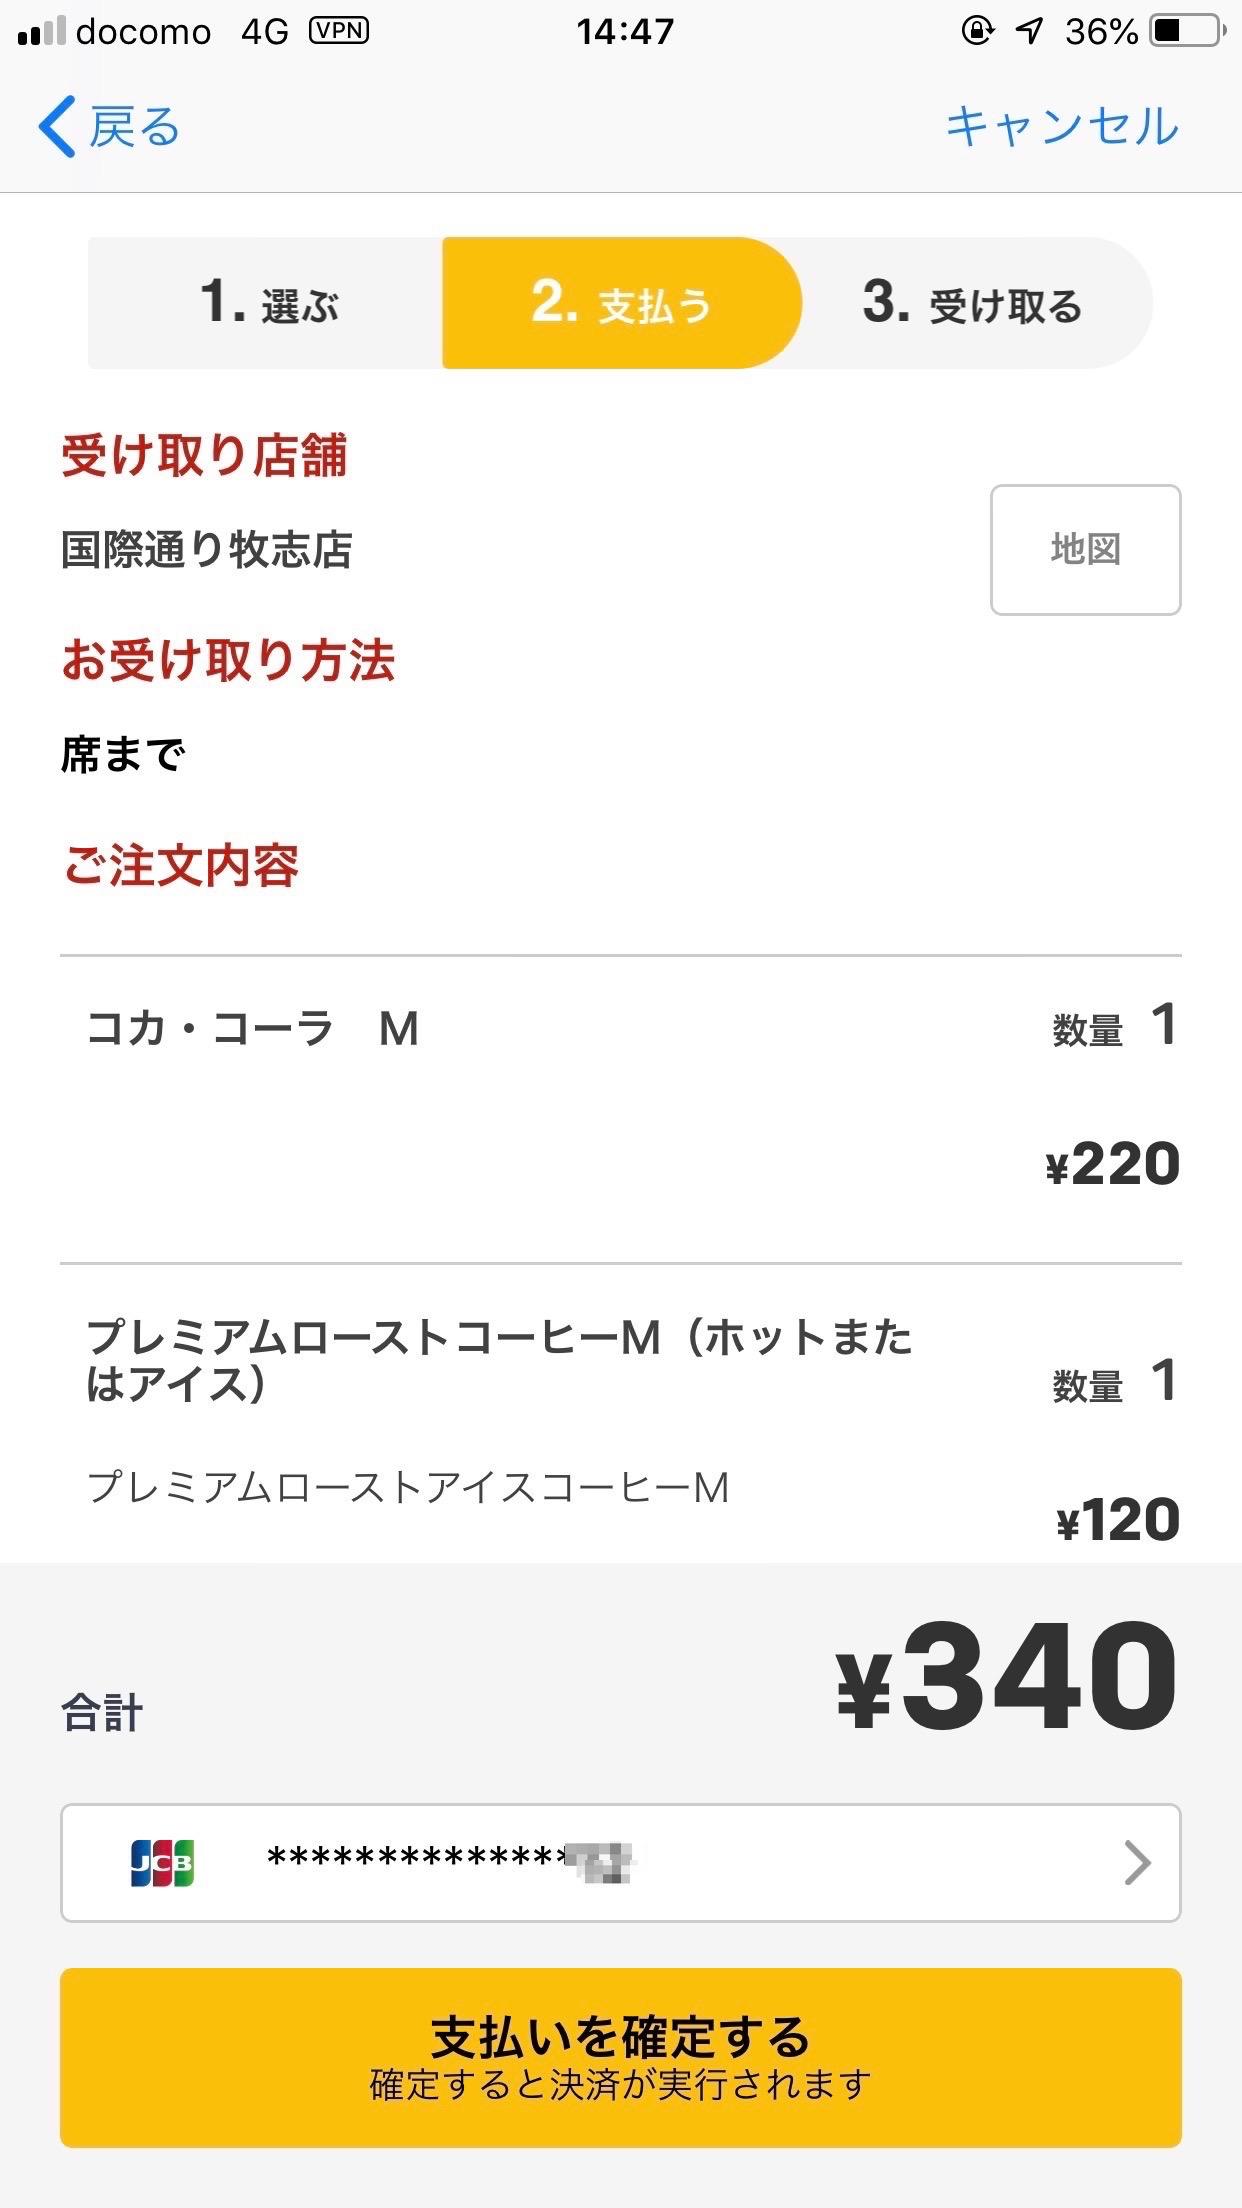 マクドナルド モバイルオーダー 22